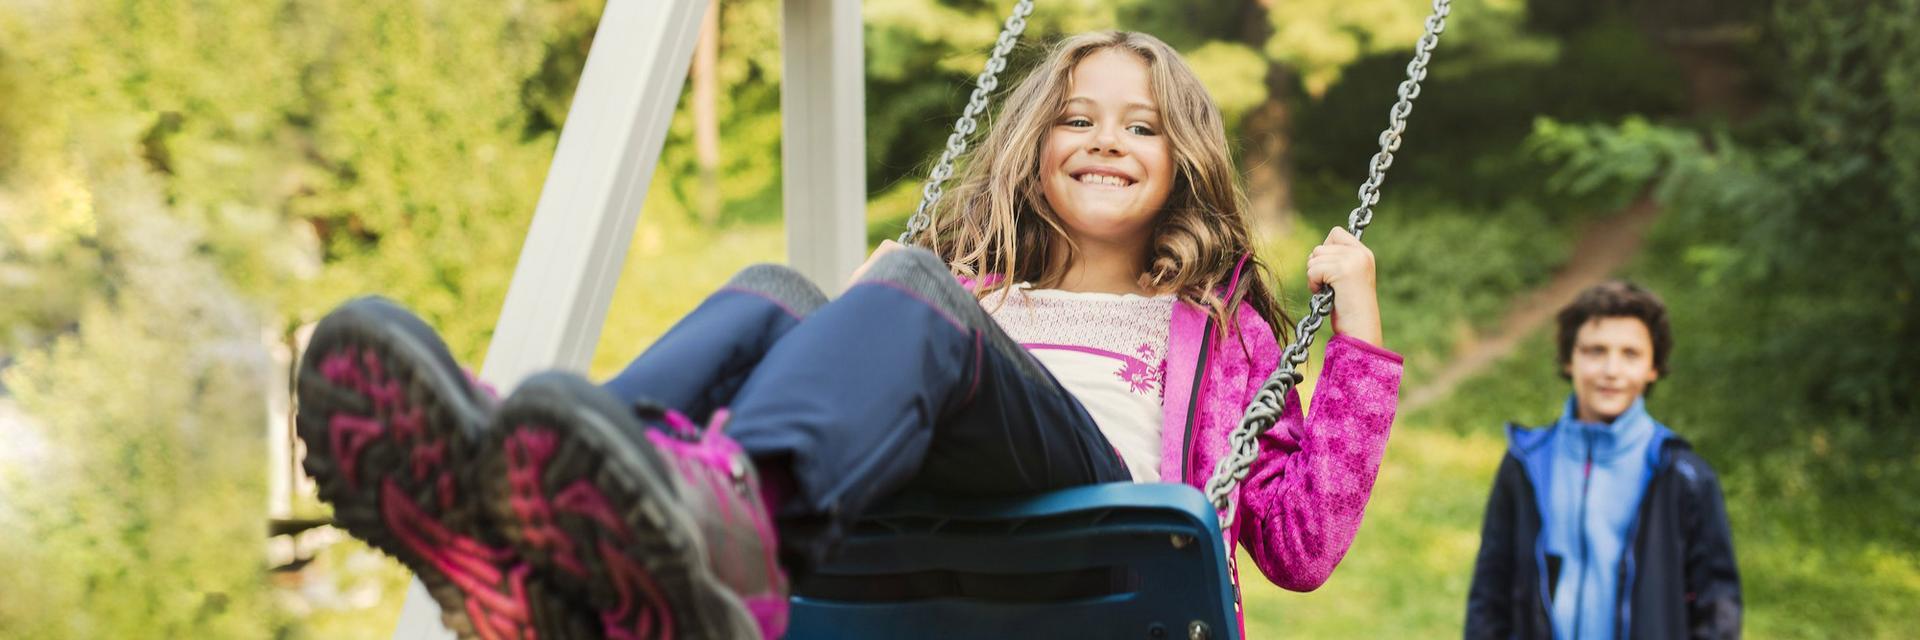 Entdecke das großer Kinder Outdoorsortiment